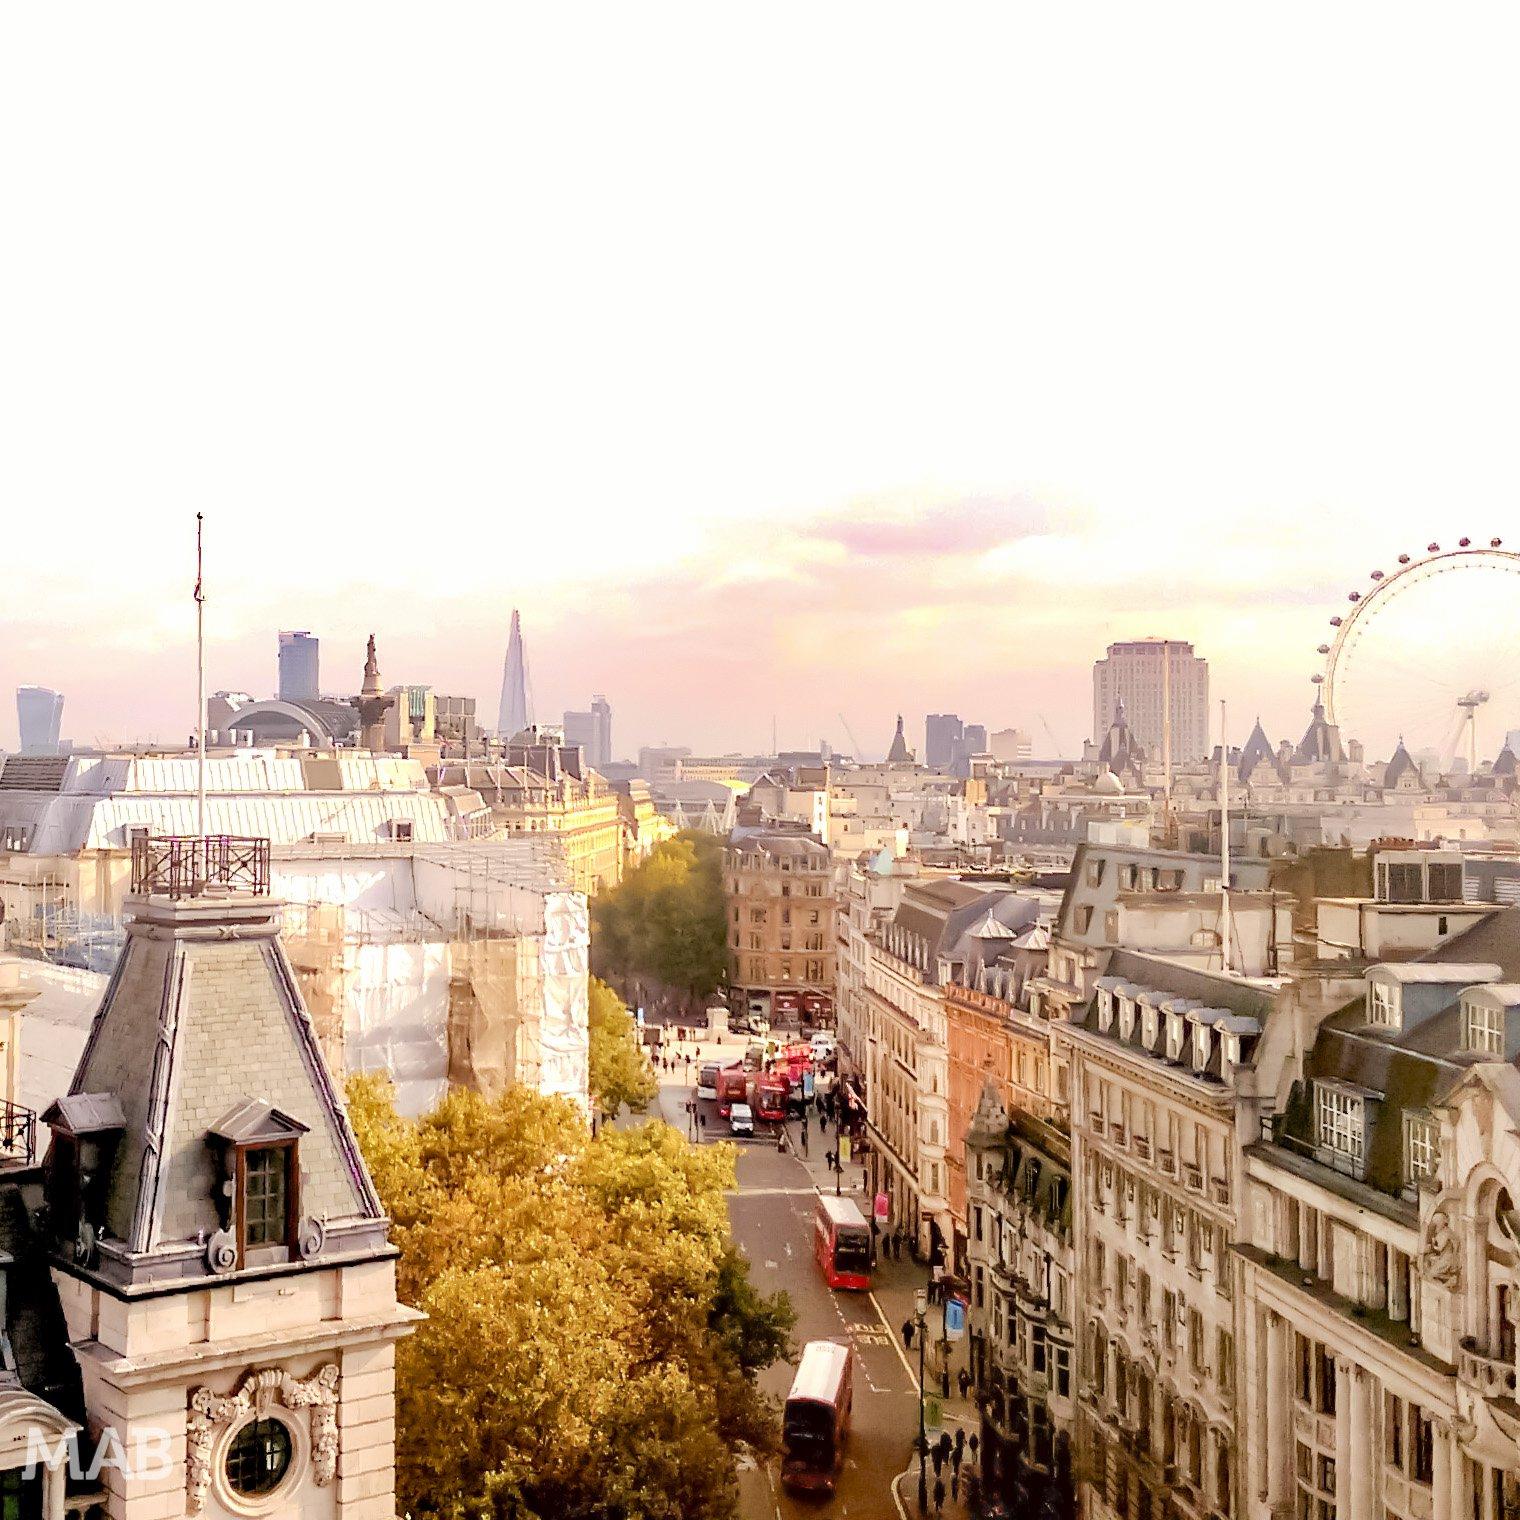 A London Skyline